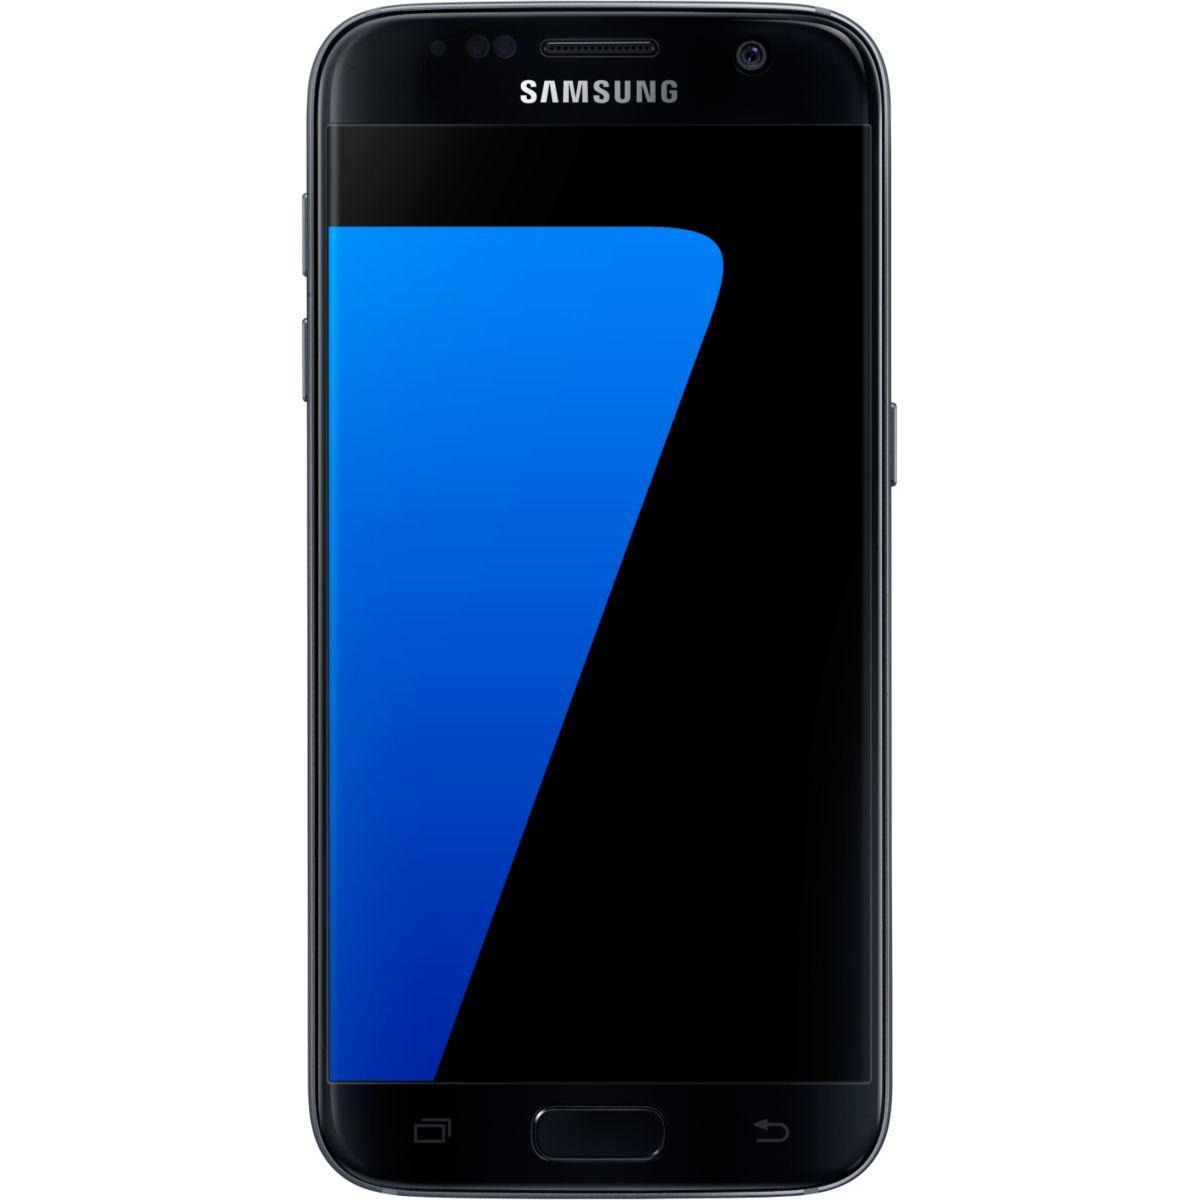 Pack promo smartphone samsung galaxy s7 32 go noir + etui samsung s view cover galaxy s7 noir - soldes et bonnes affaires à prix imbattables